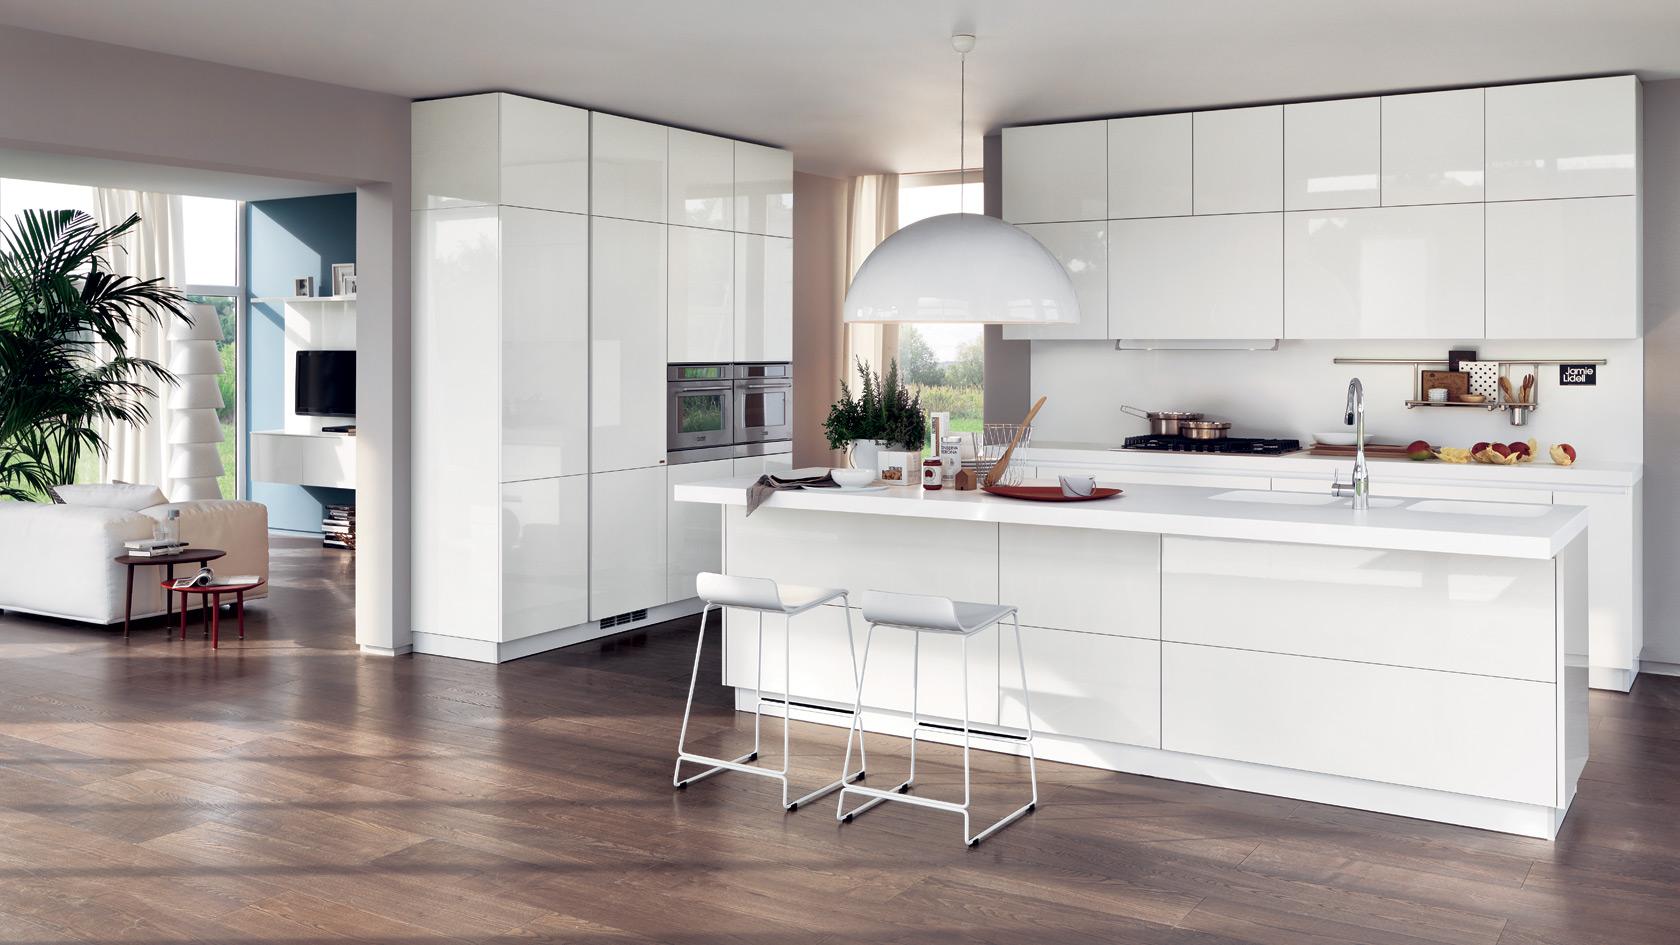 Pannelli Per Cucine Moderne. Top Tende Per Cucina Tende Per La ...